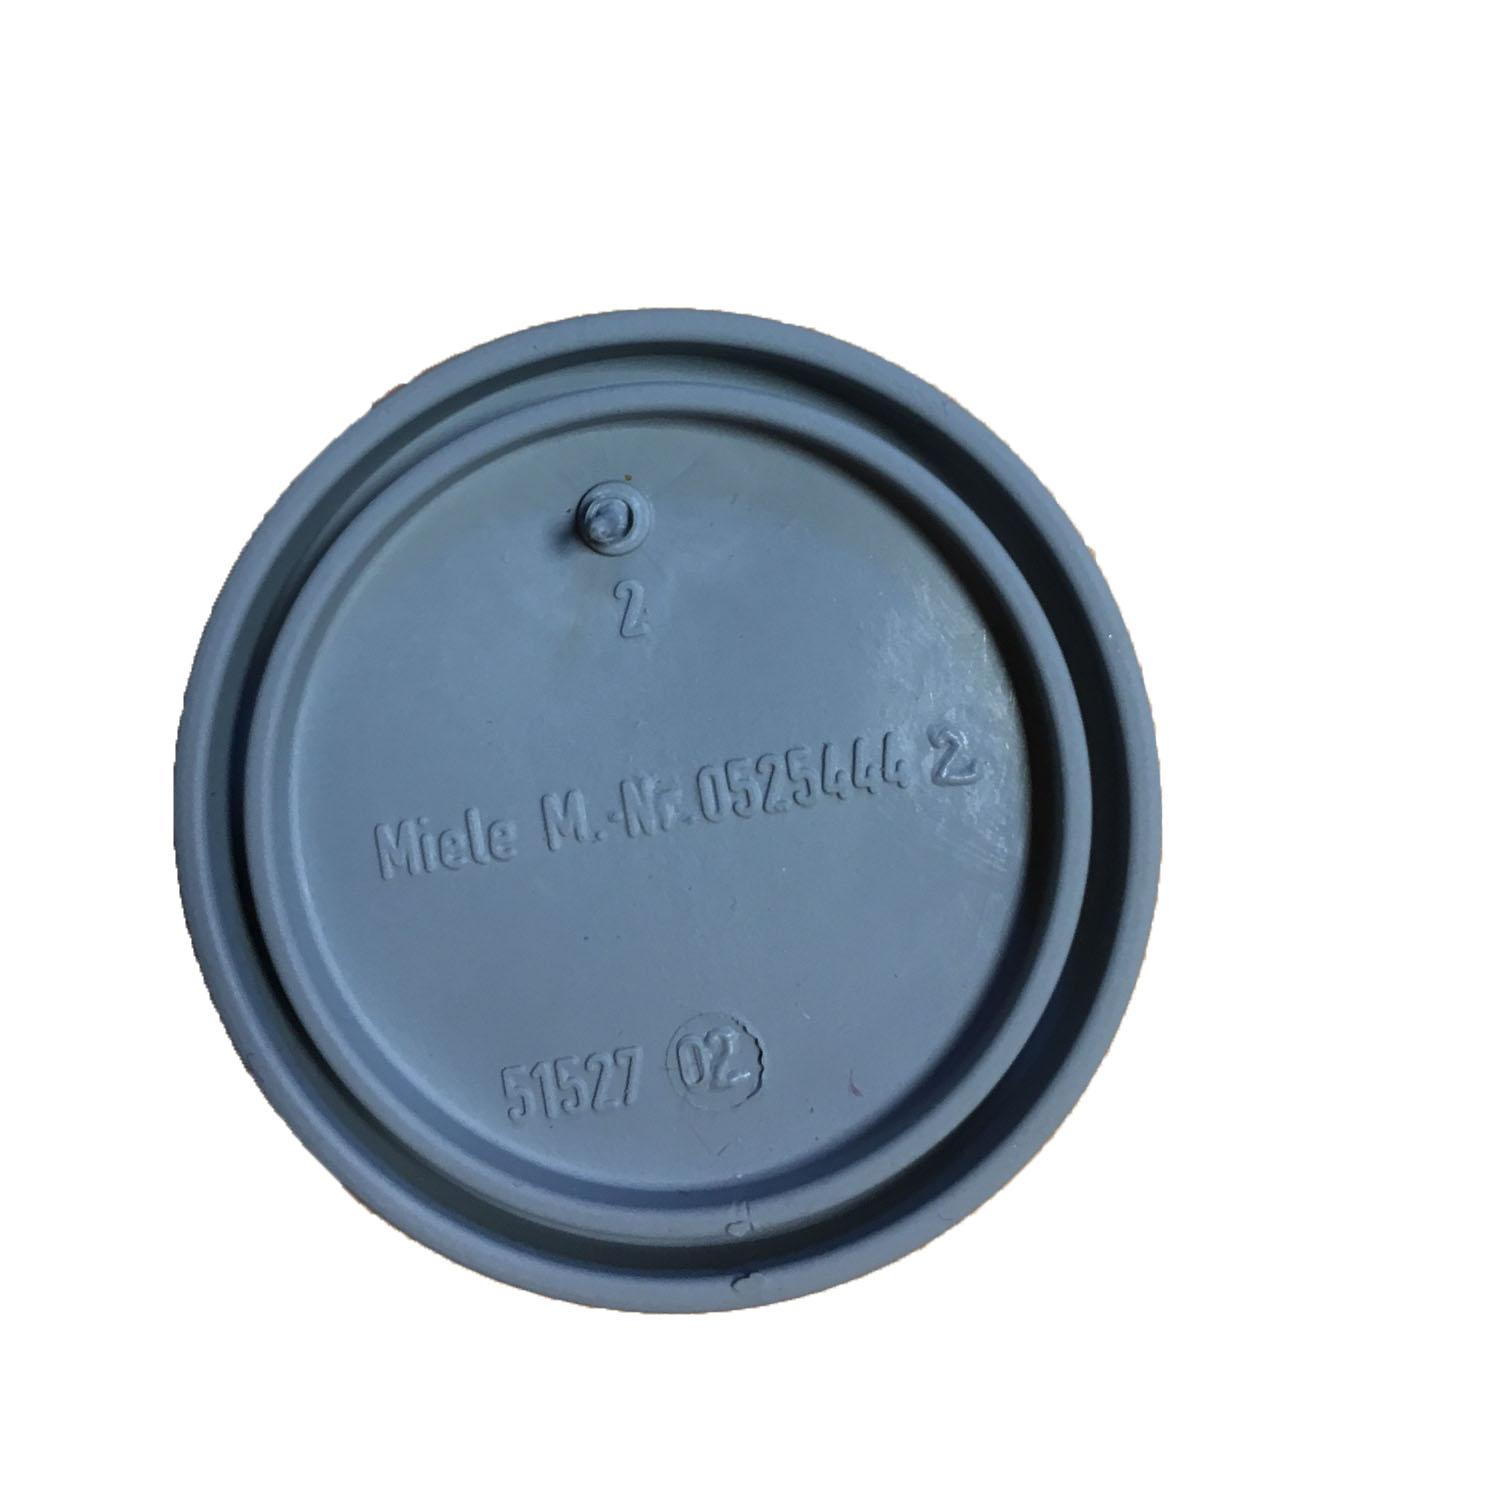 joint boite a produit liquide rincage lave vaisselle miele, 5254442